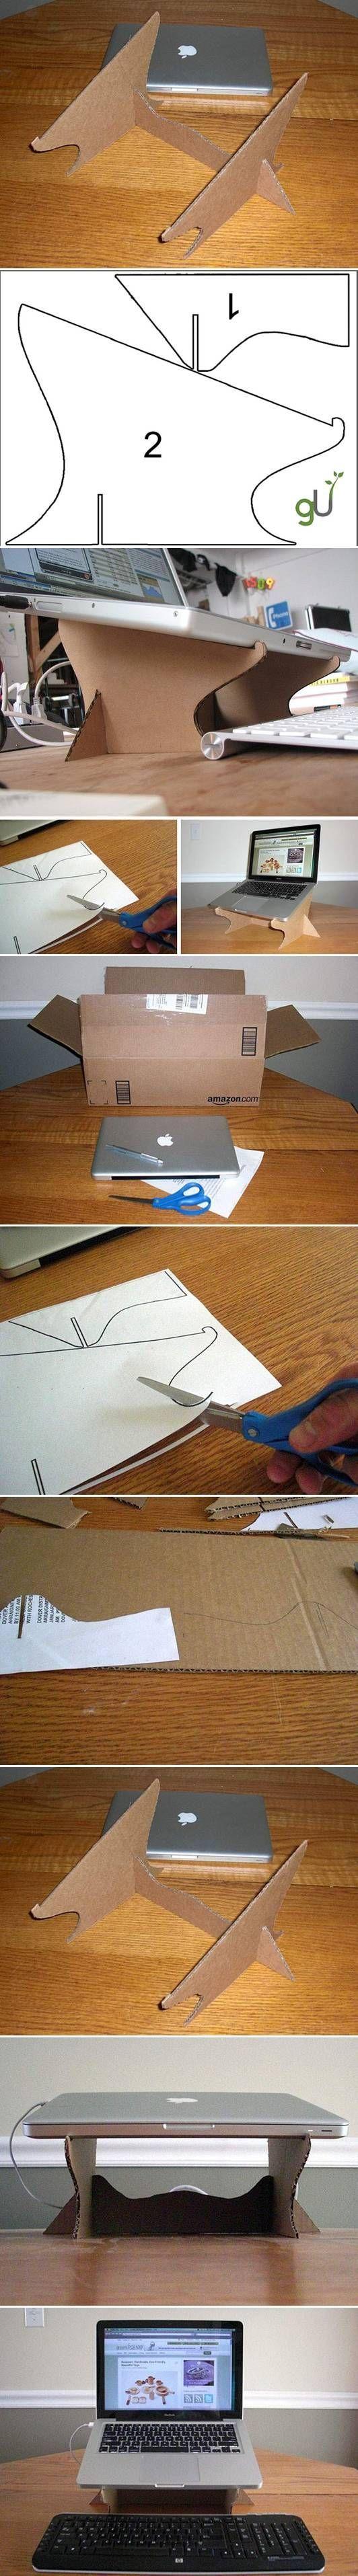 DIY Простой картон Ноутбук Стенд DIY проекты |  UsefulDIY.com